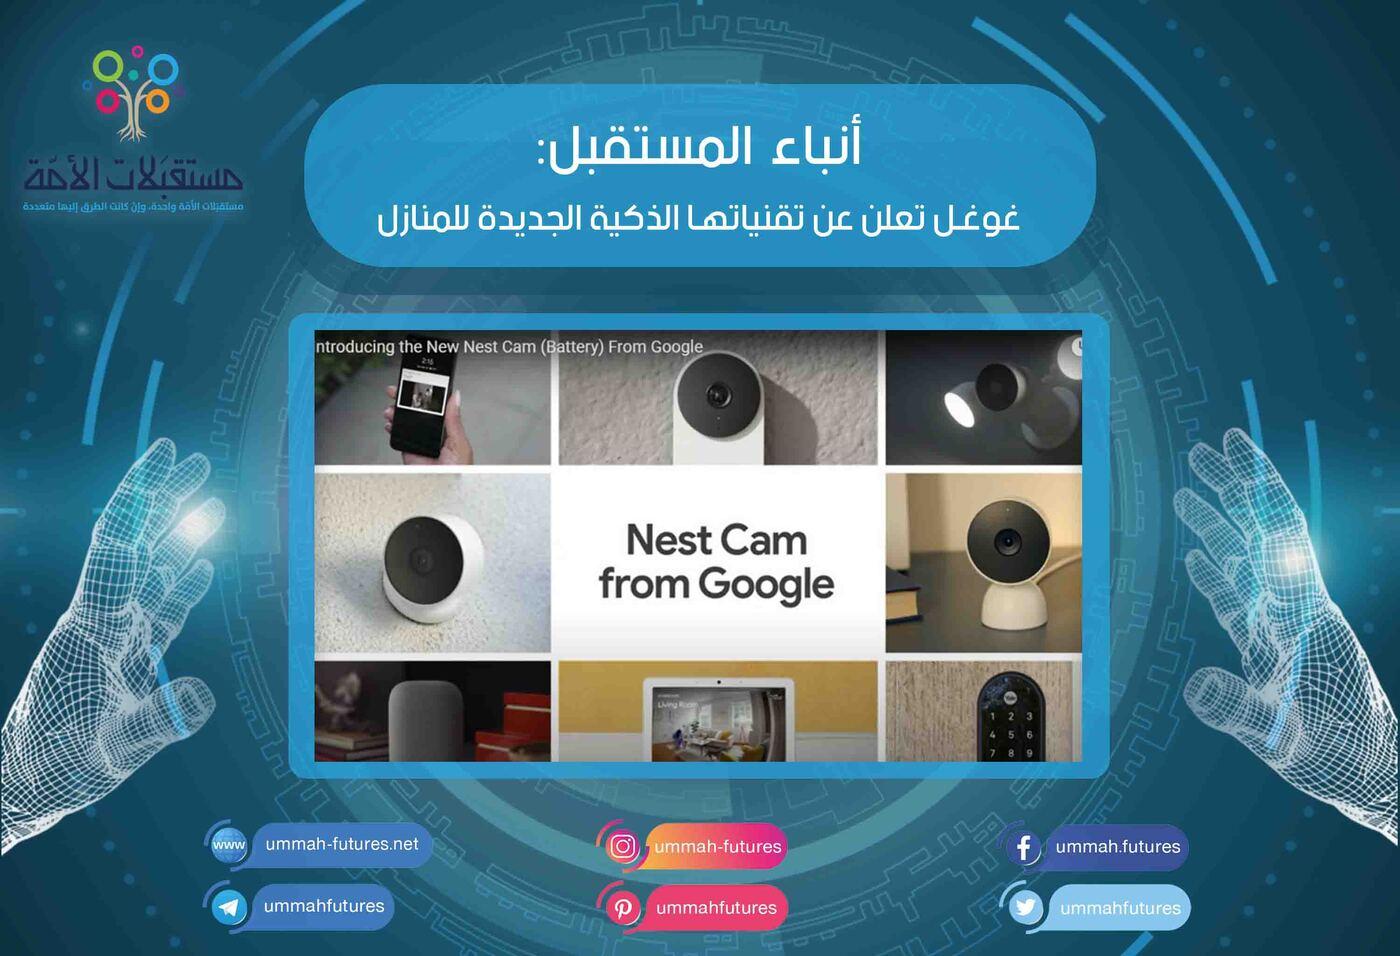 غوغل تعلن عن تقنياتها الذكية الجديدة للمنازل